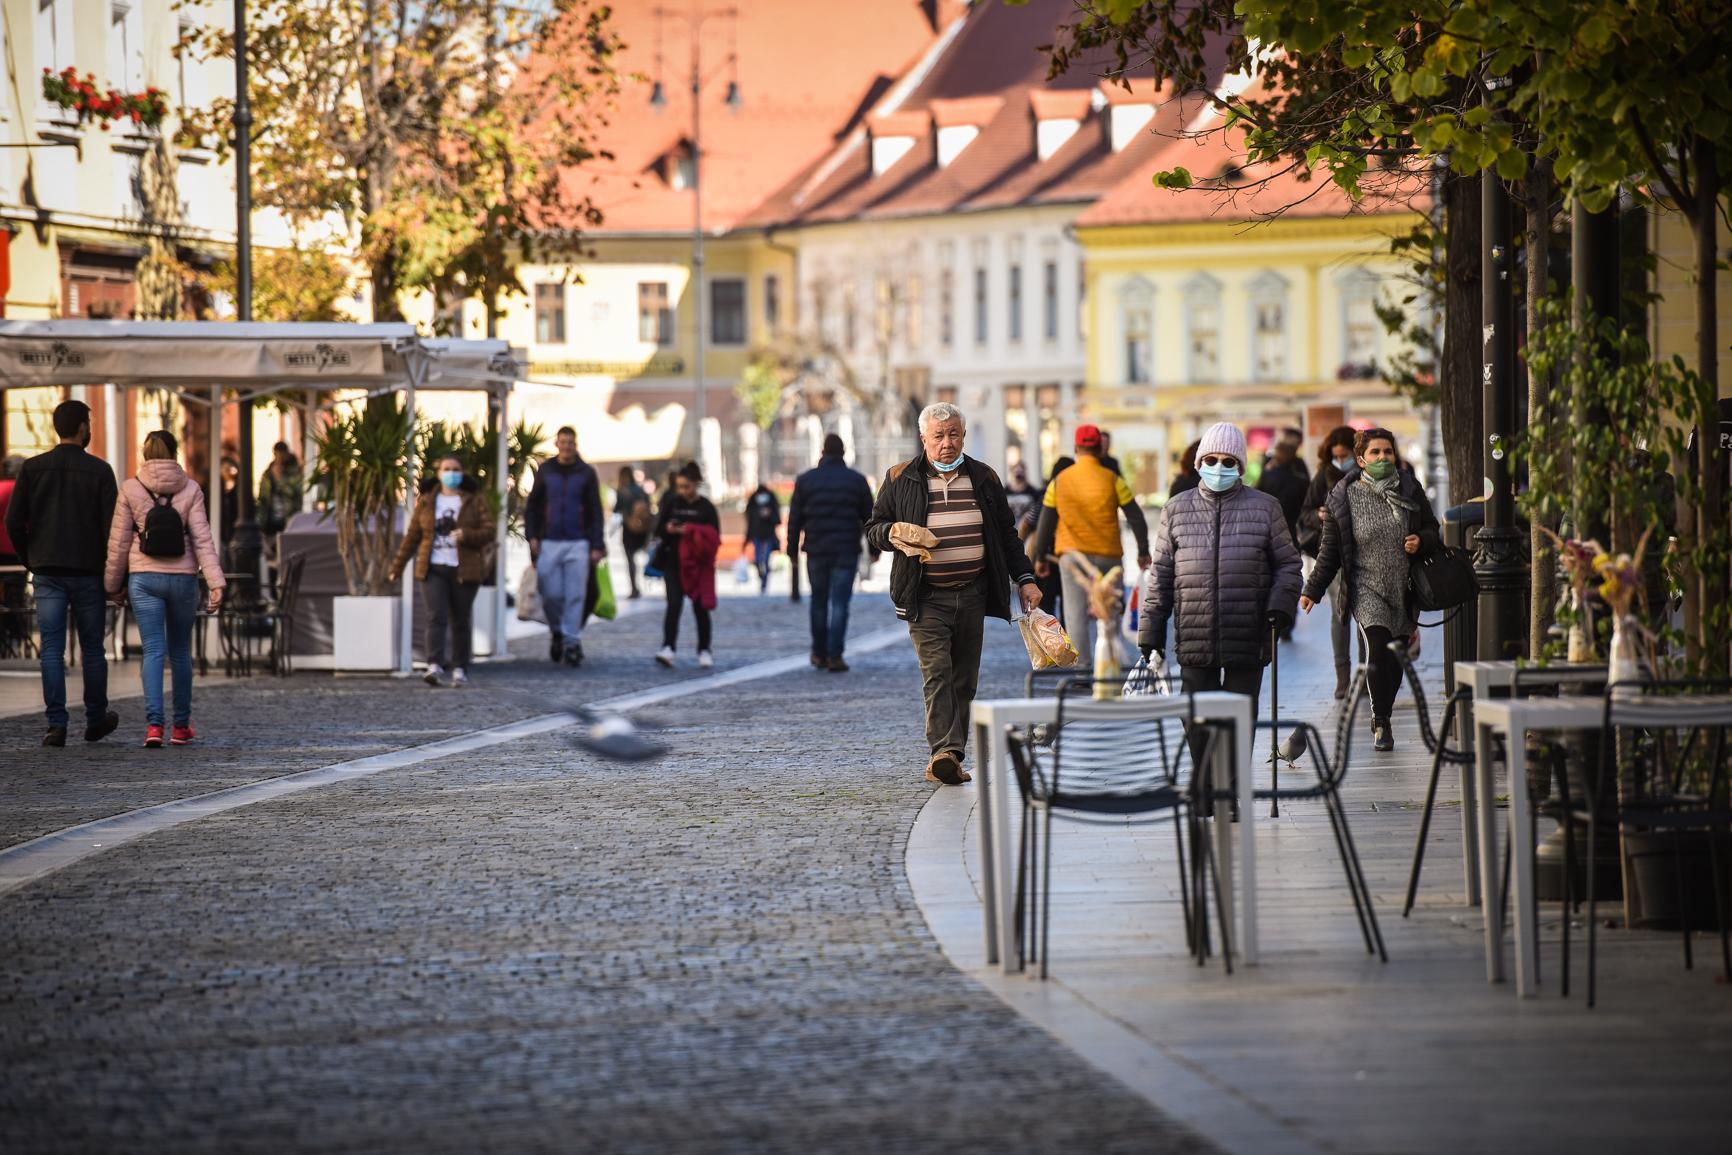 Două cazuri noi la Sibiu. A scăzut, în schimb, numărul pacienților internați